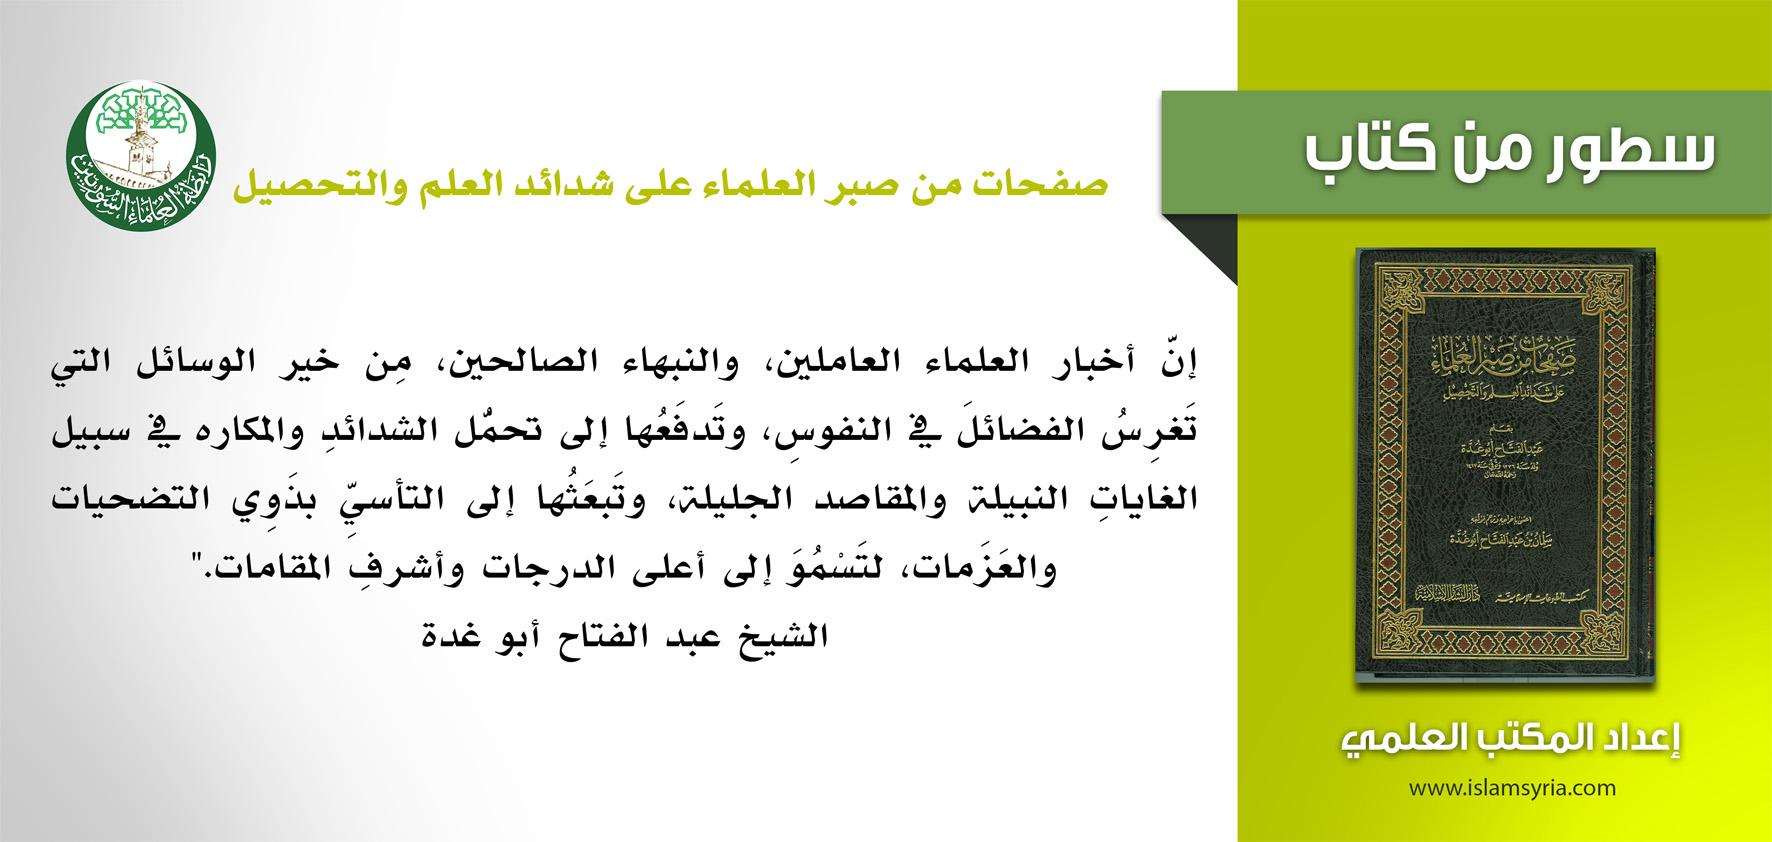 صفحات من صبر العلماء على تحمل شدائد العلم والتحصيل||الشيخ عبد الفتاح أبو غدة